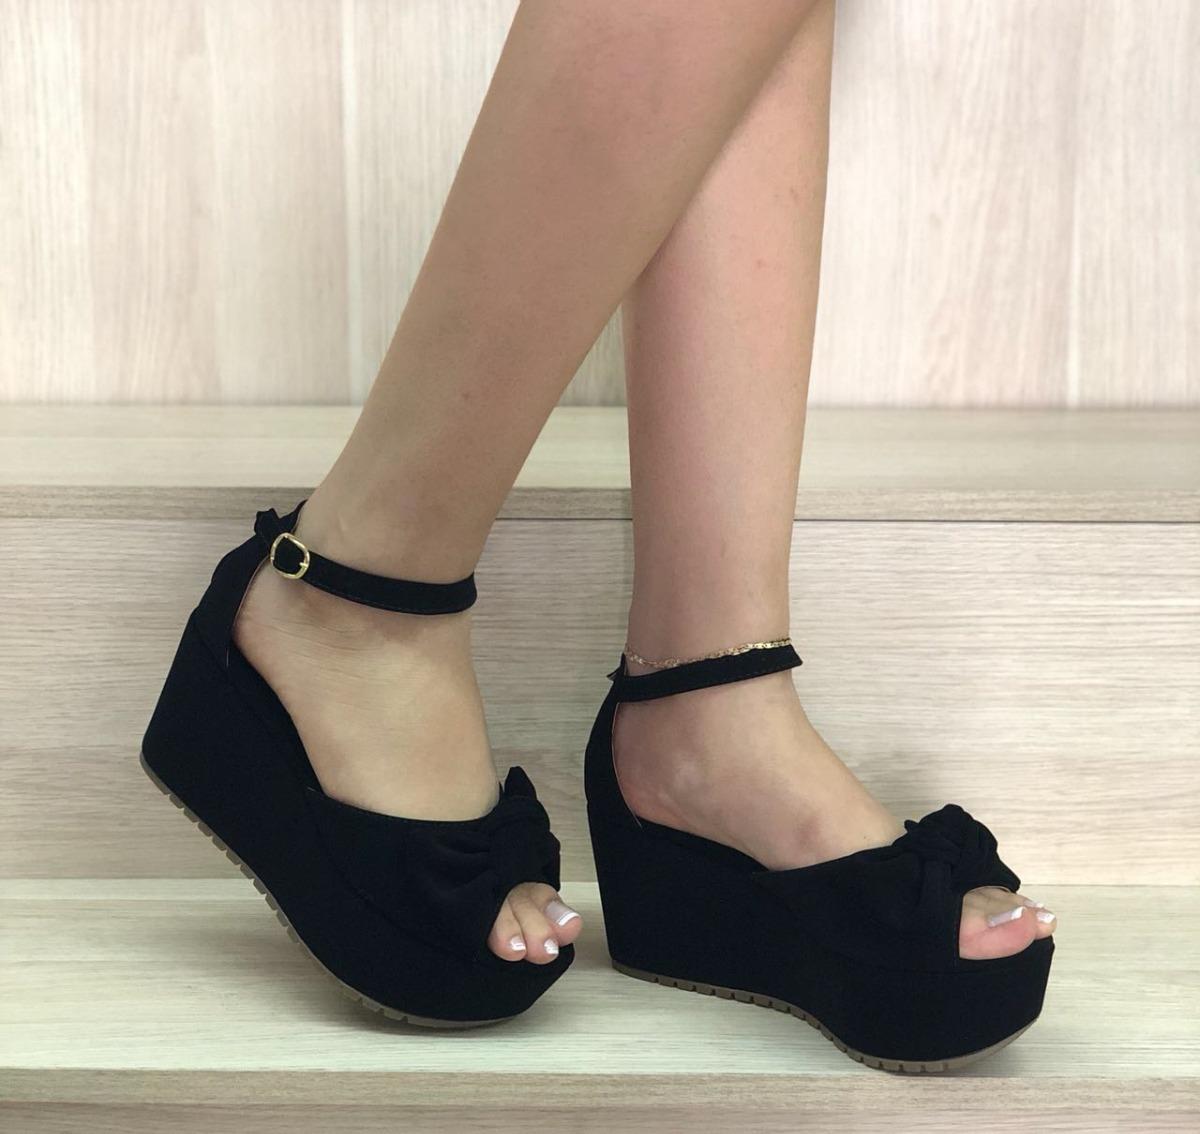 f7a539433a2 fabrica de sandalias plataforma negra calzado zapatos moda. Cargando zoom.